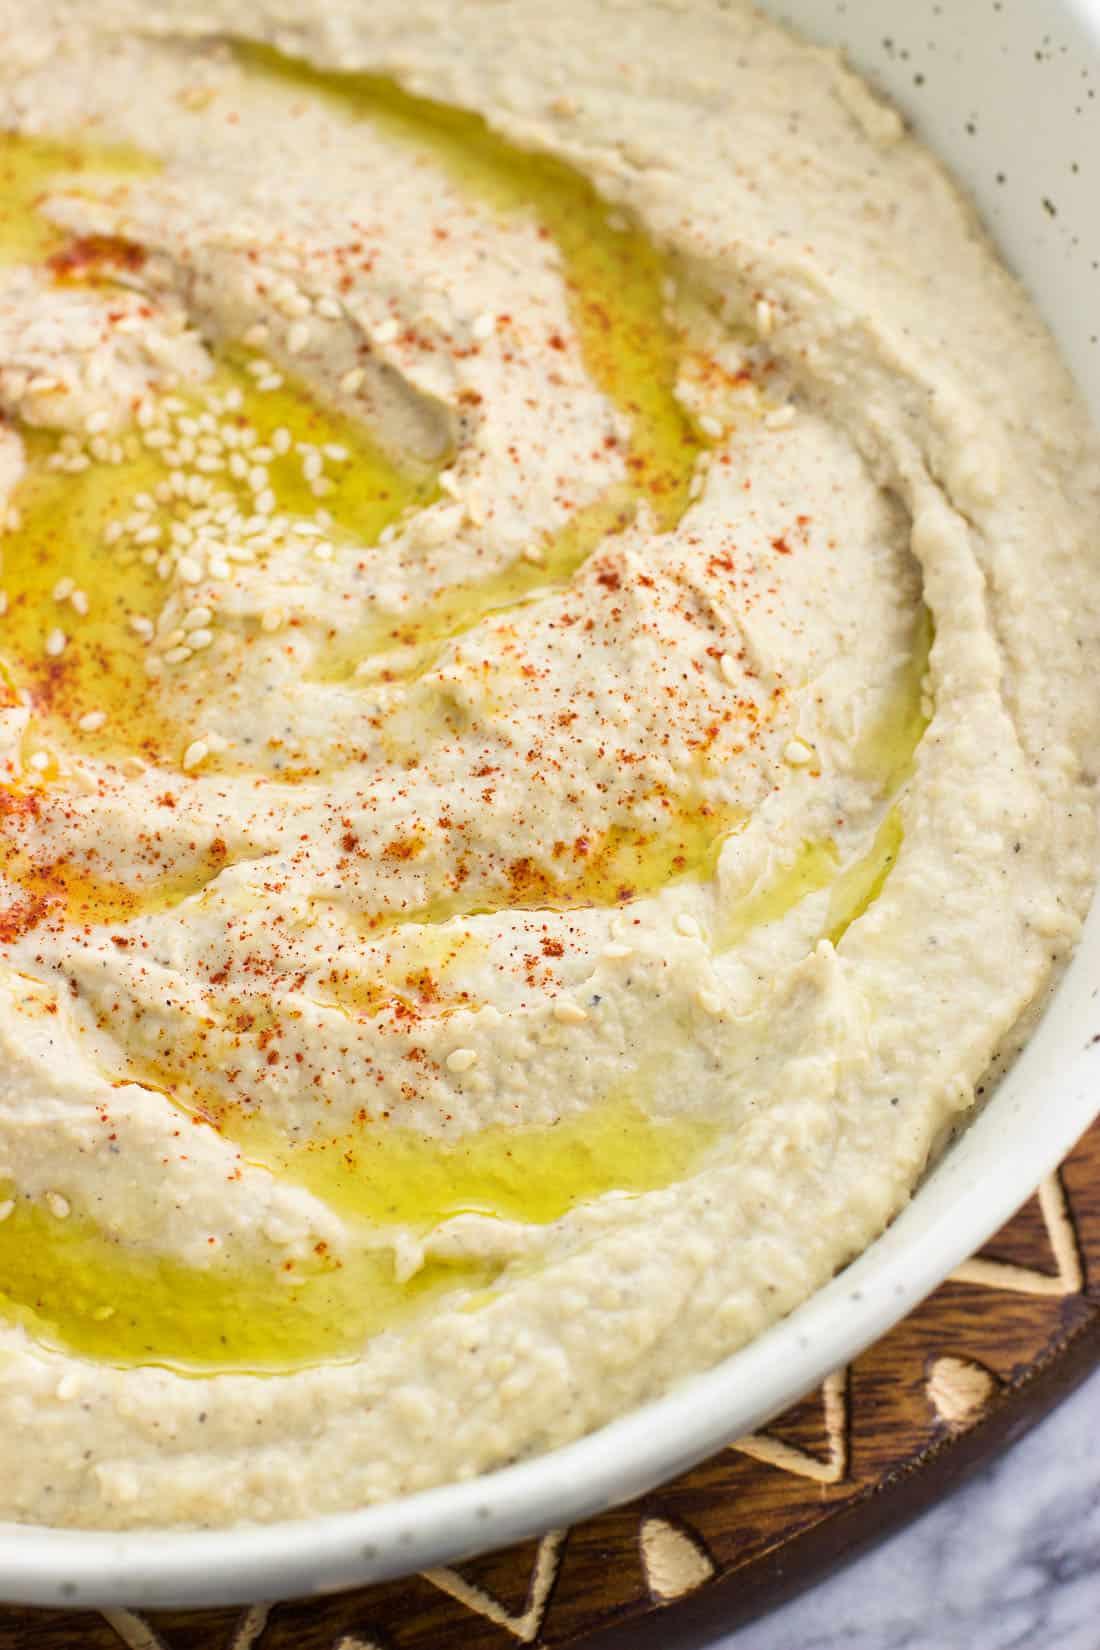 A close-up shot of roasted garlic hummus in a bowl